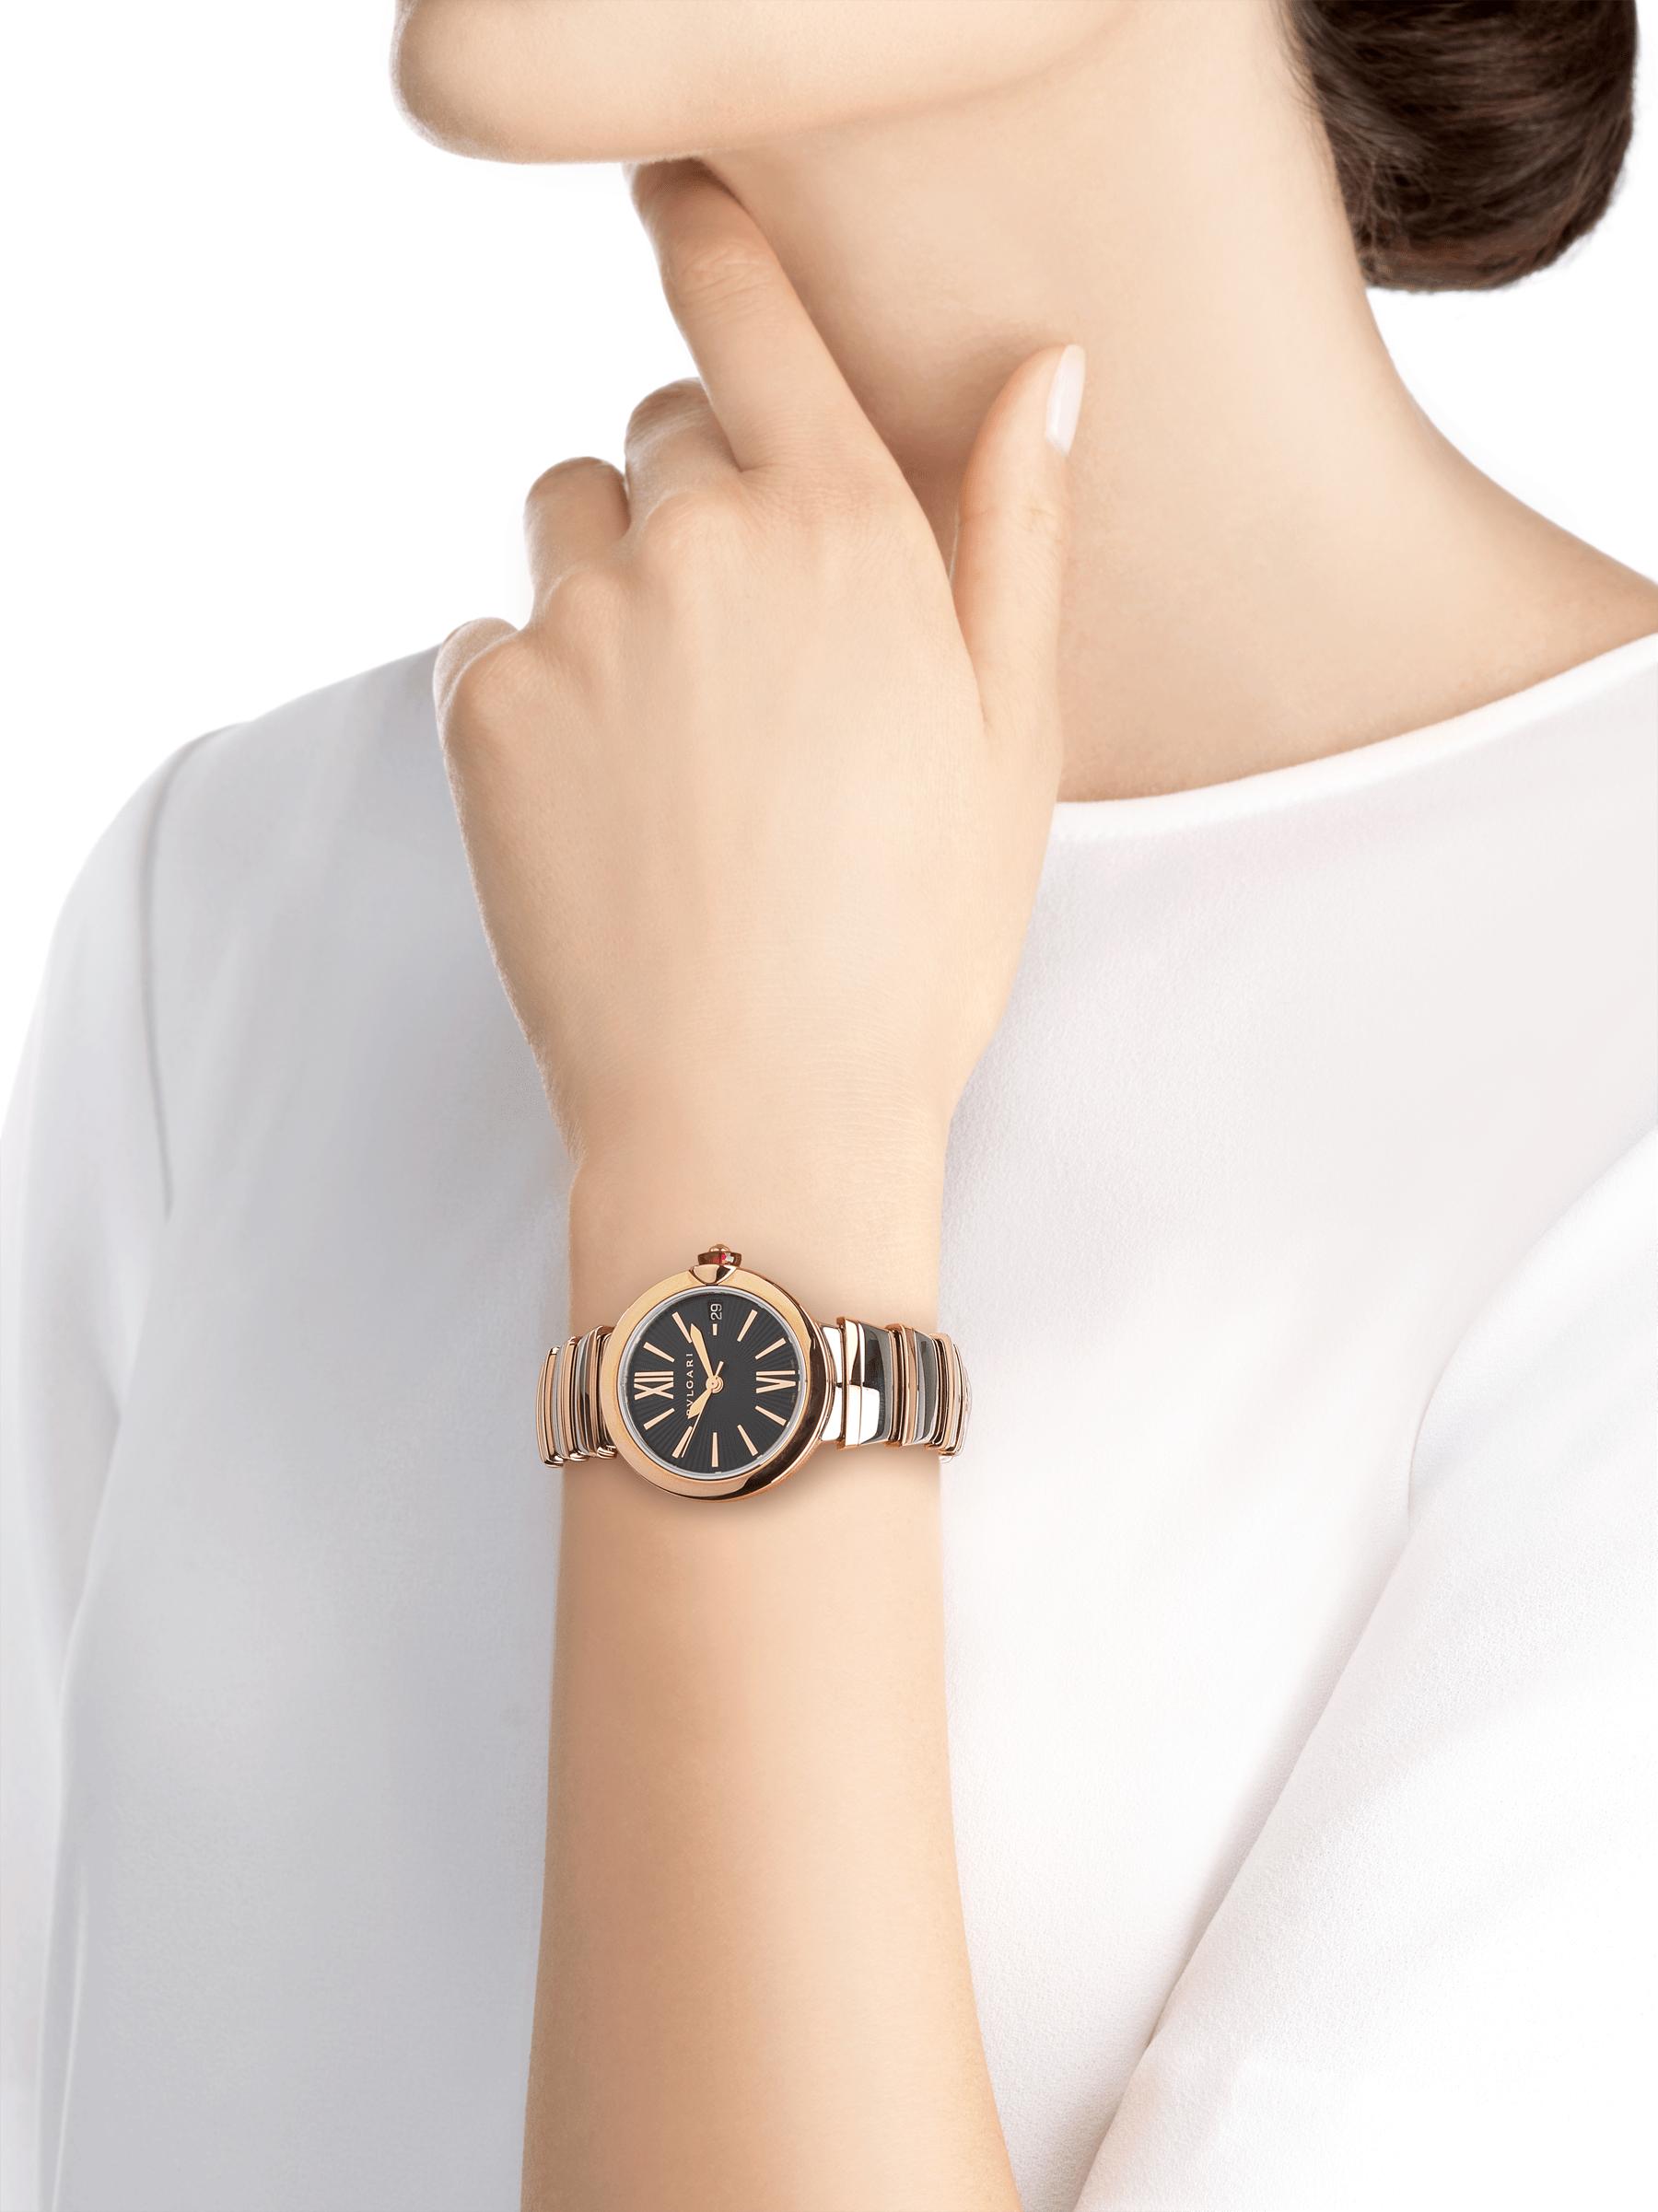 Montre LVCEA avec boîtier et bracelet en or rose 18K et acier inoxydable, cadran en opaline noire. 102192 image 4